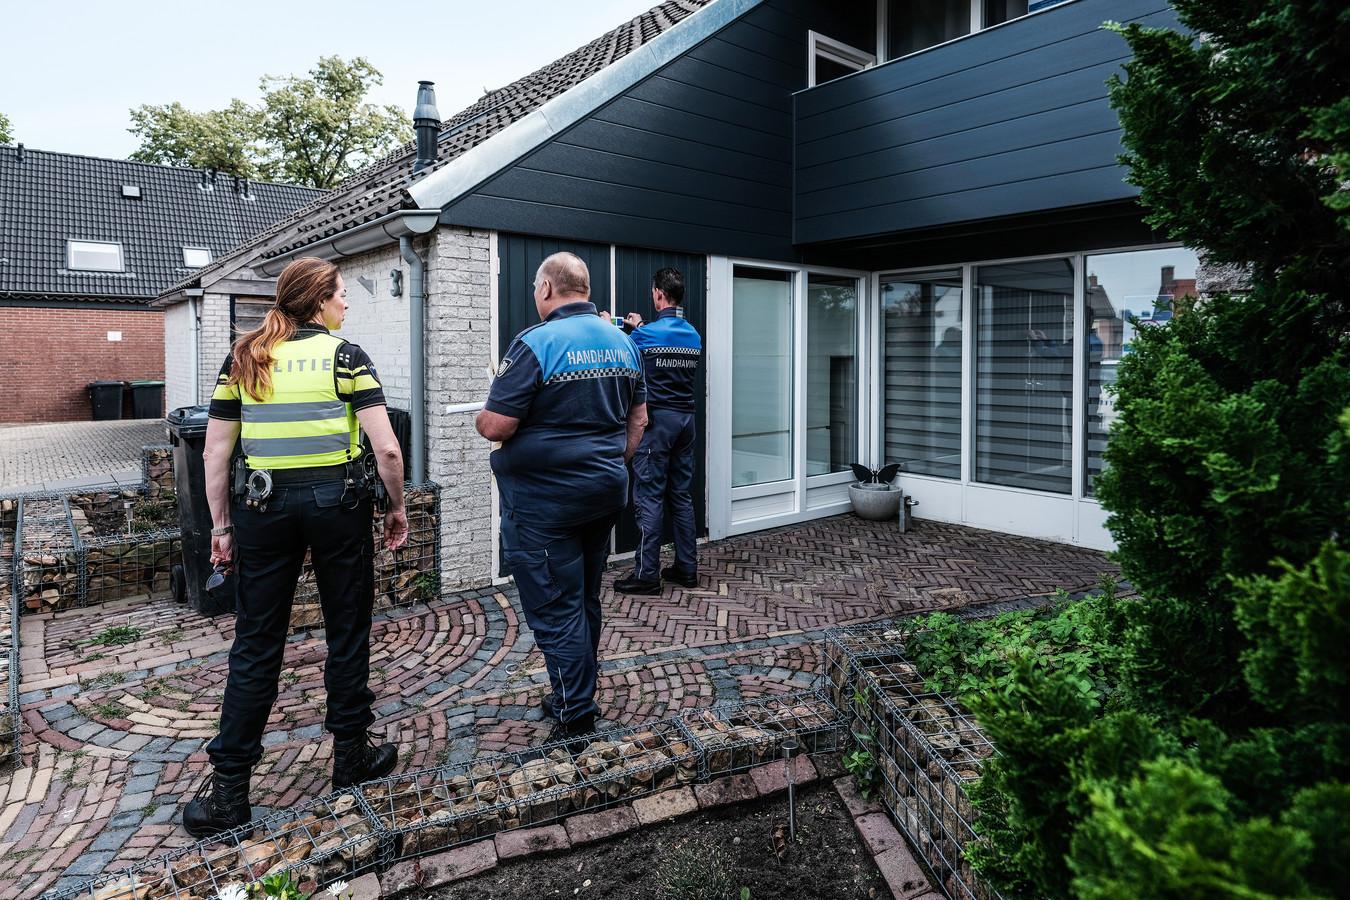 Dit drugspand aan de St. Jorisstraat in Braamt wordt gesloten en verzegeld. Foto : Jan Ruland van den Brink